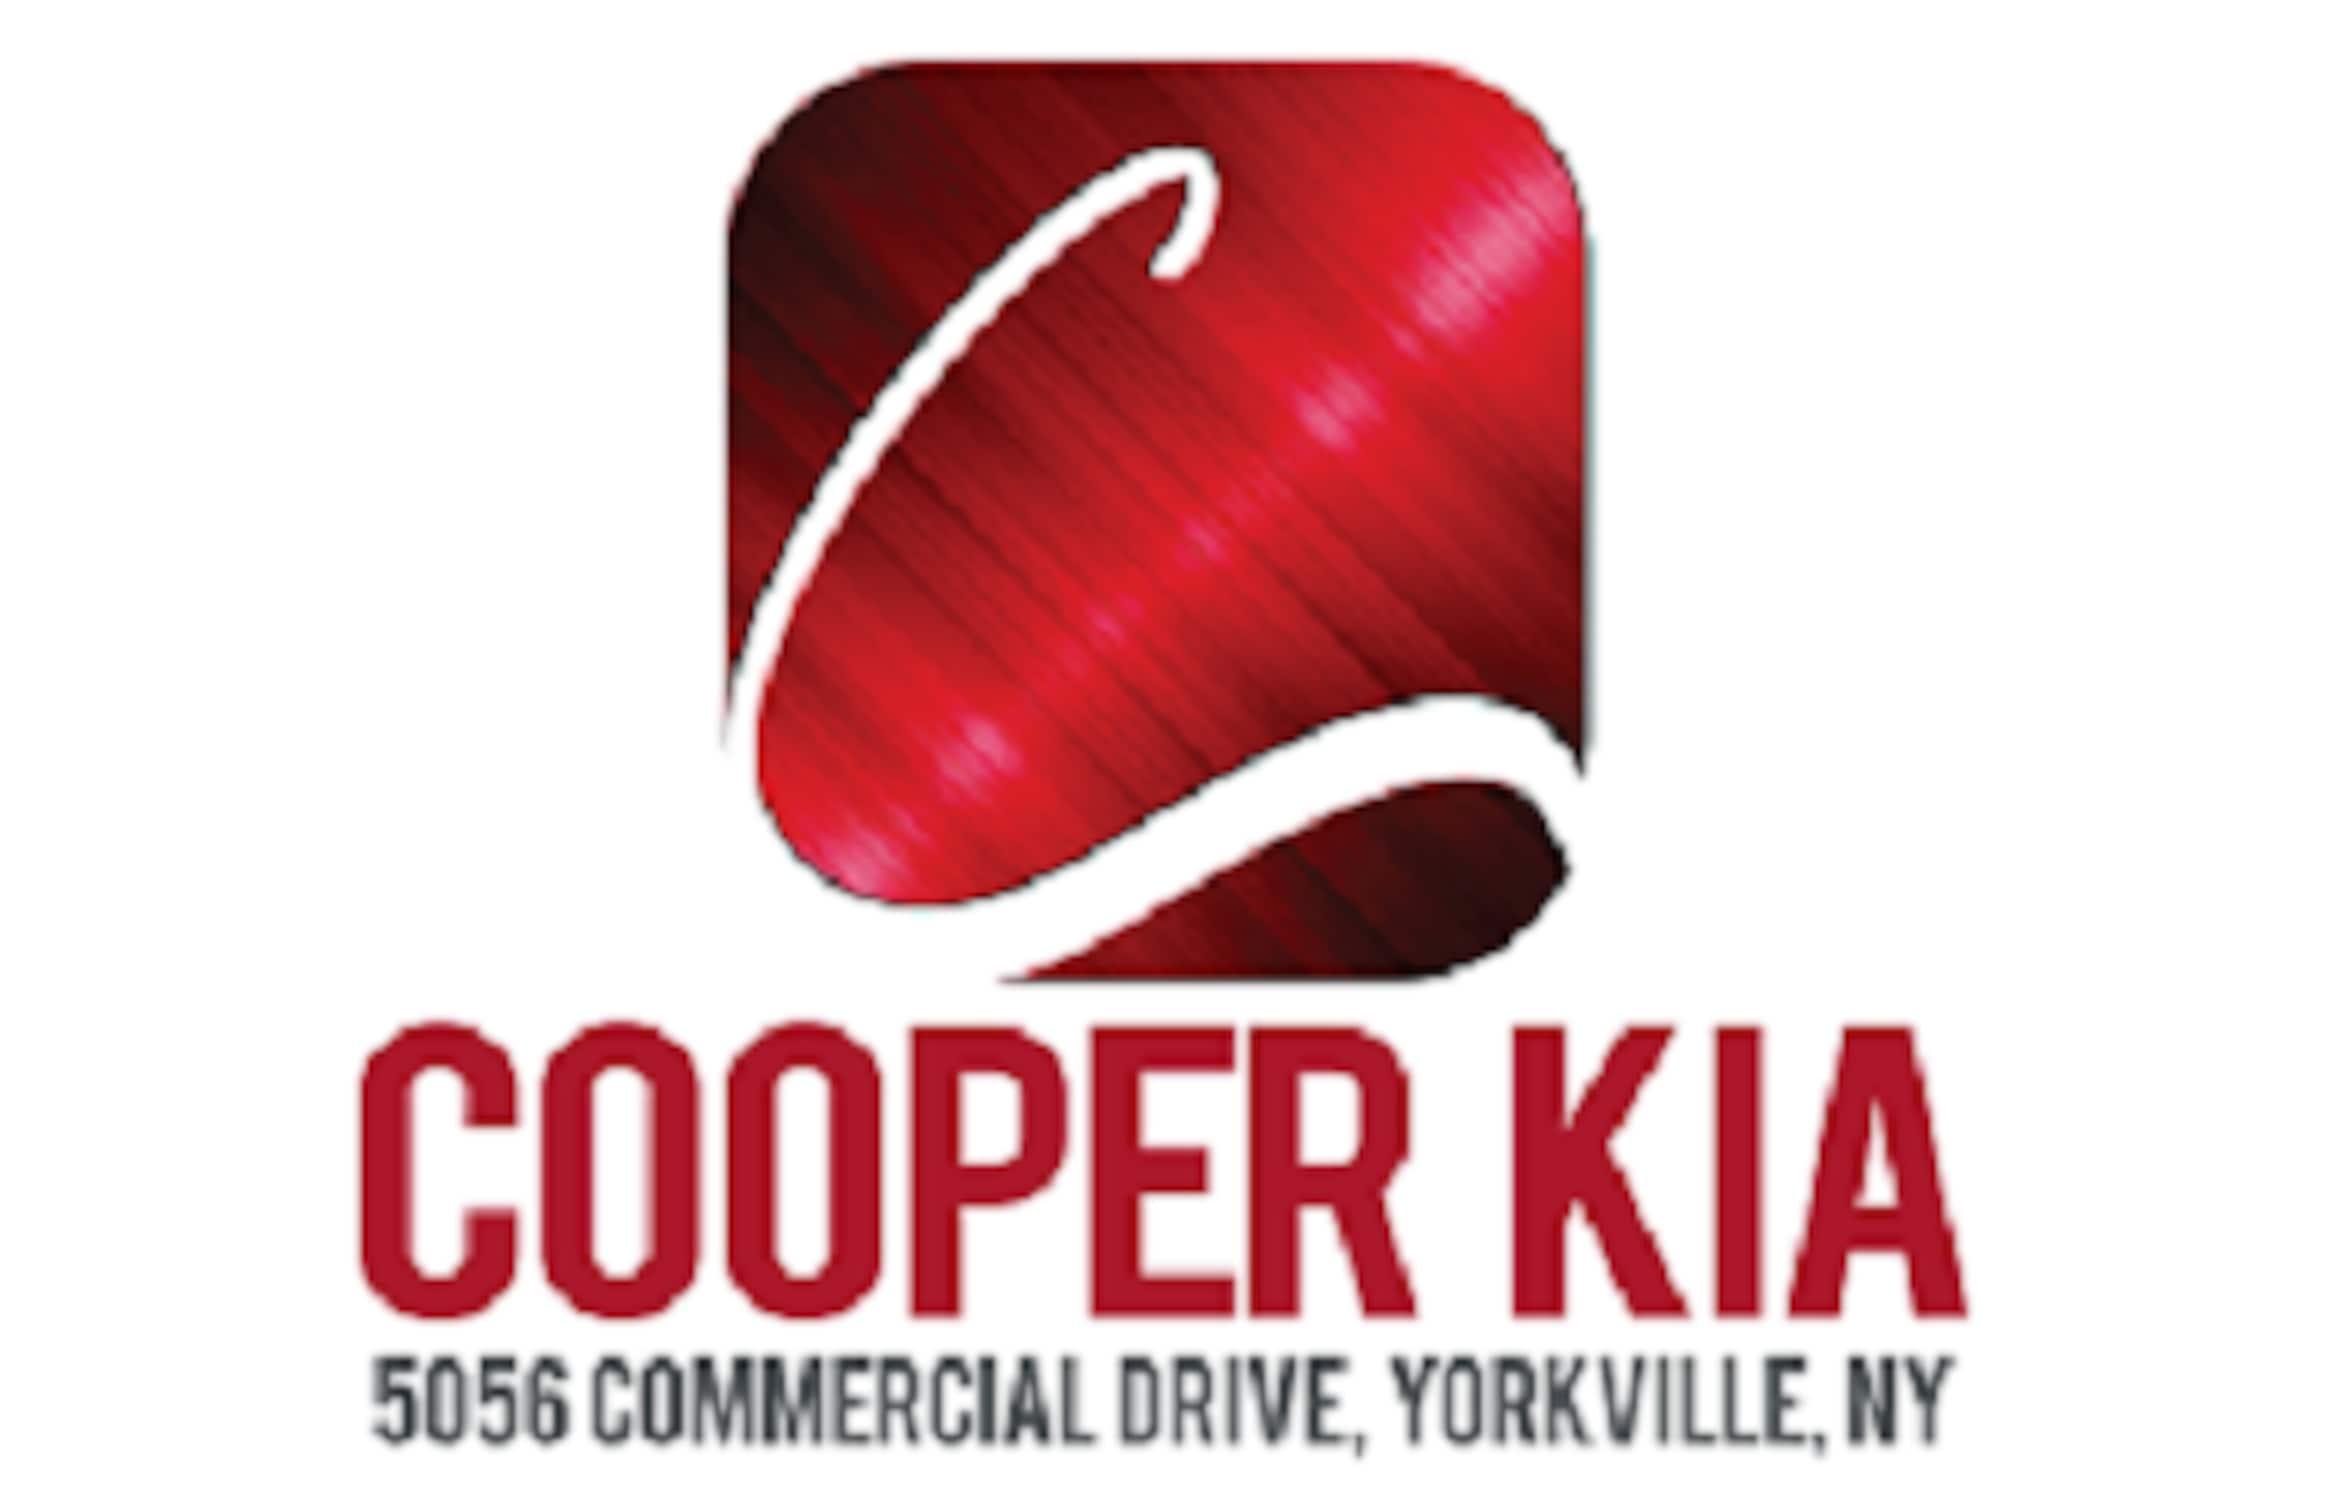 Cooper Kia